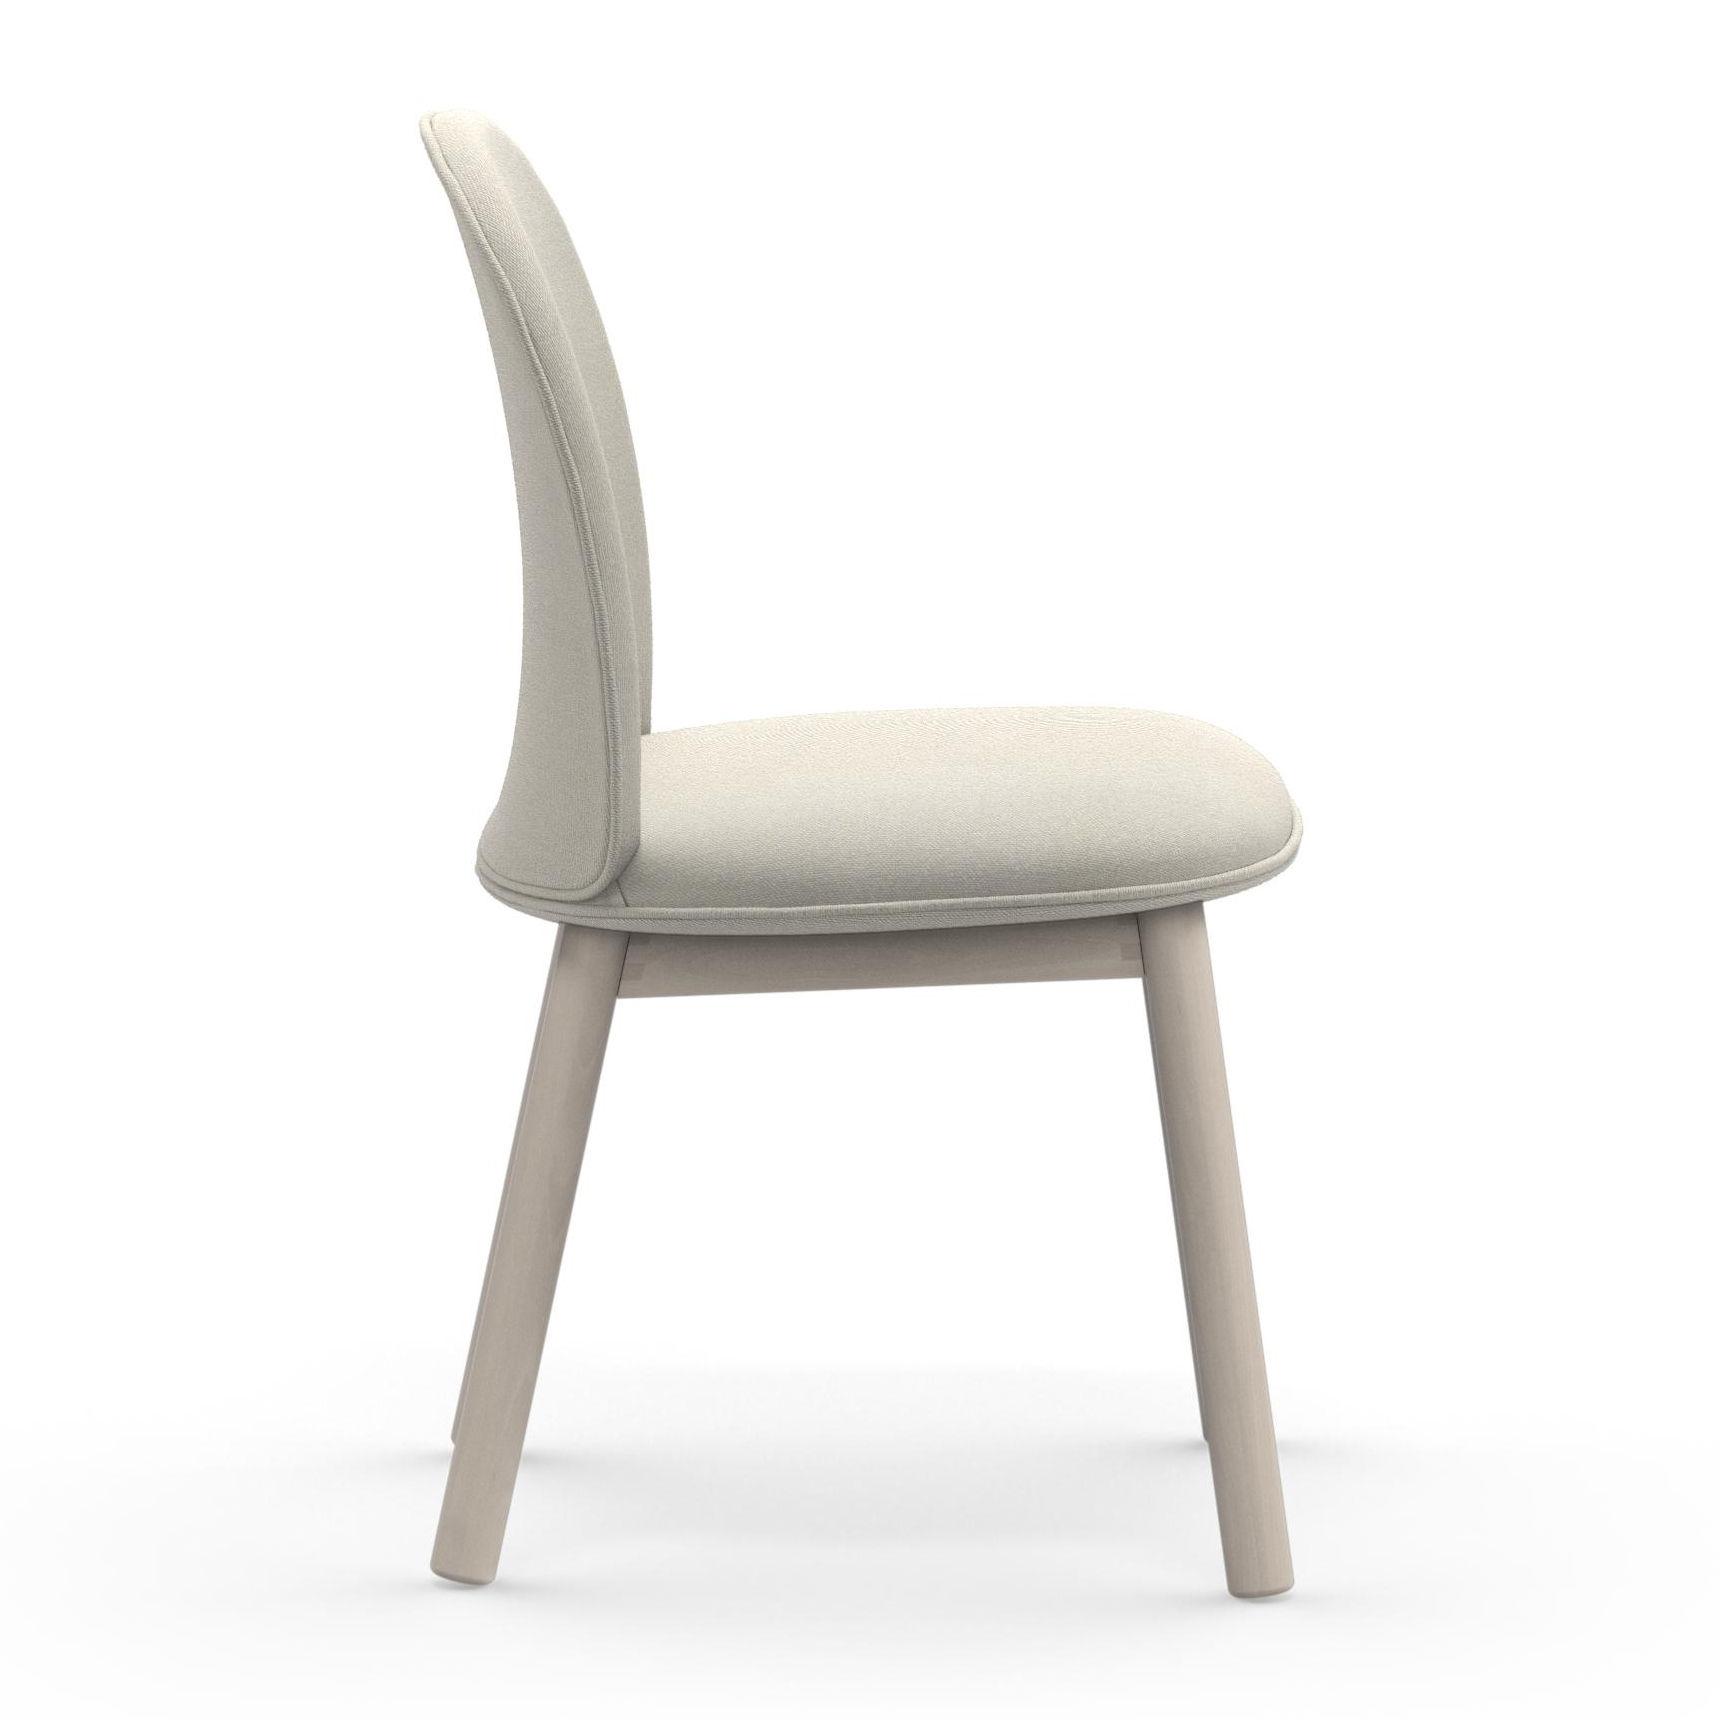 ace stoff holz normann copenhagen gepolsterter stuhl. Black Bedroom Furniture Sets. Home Design Ideas